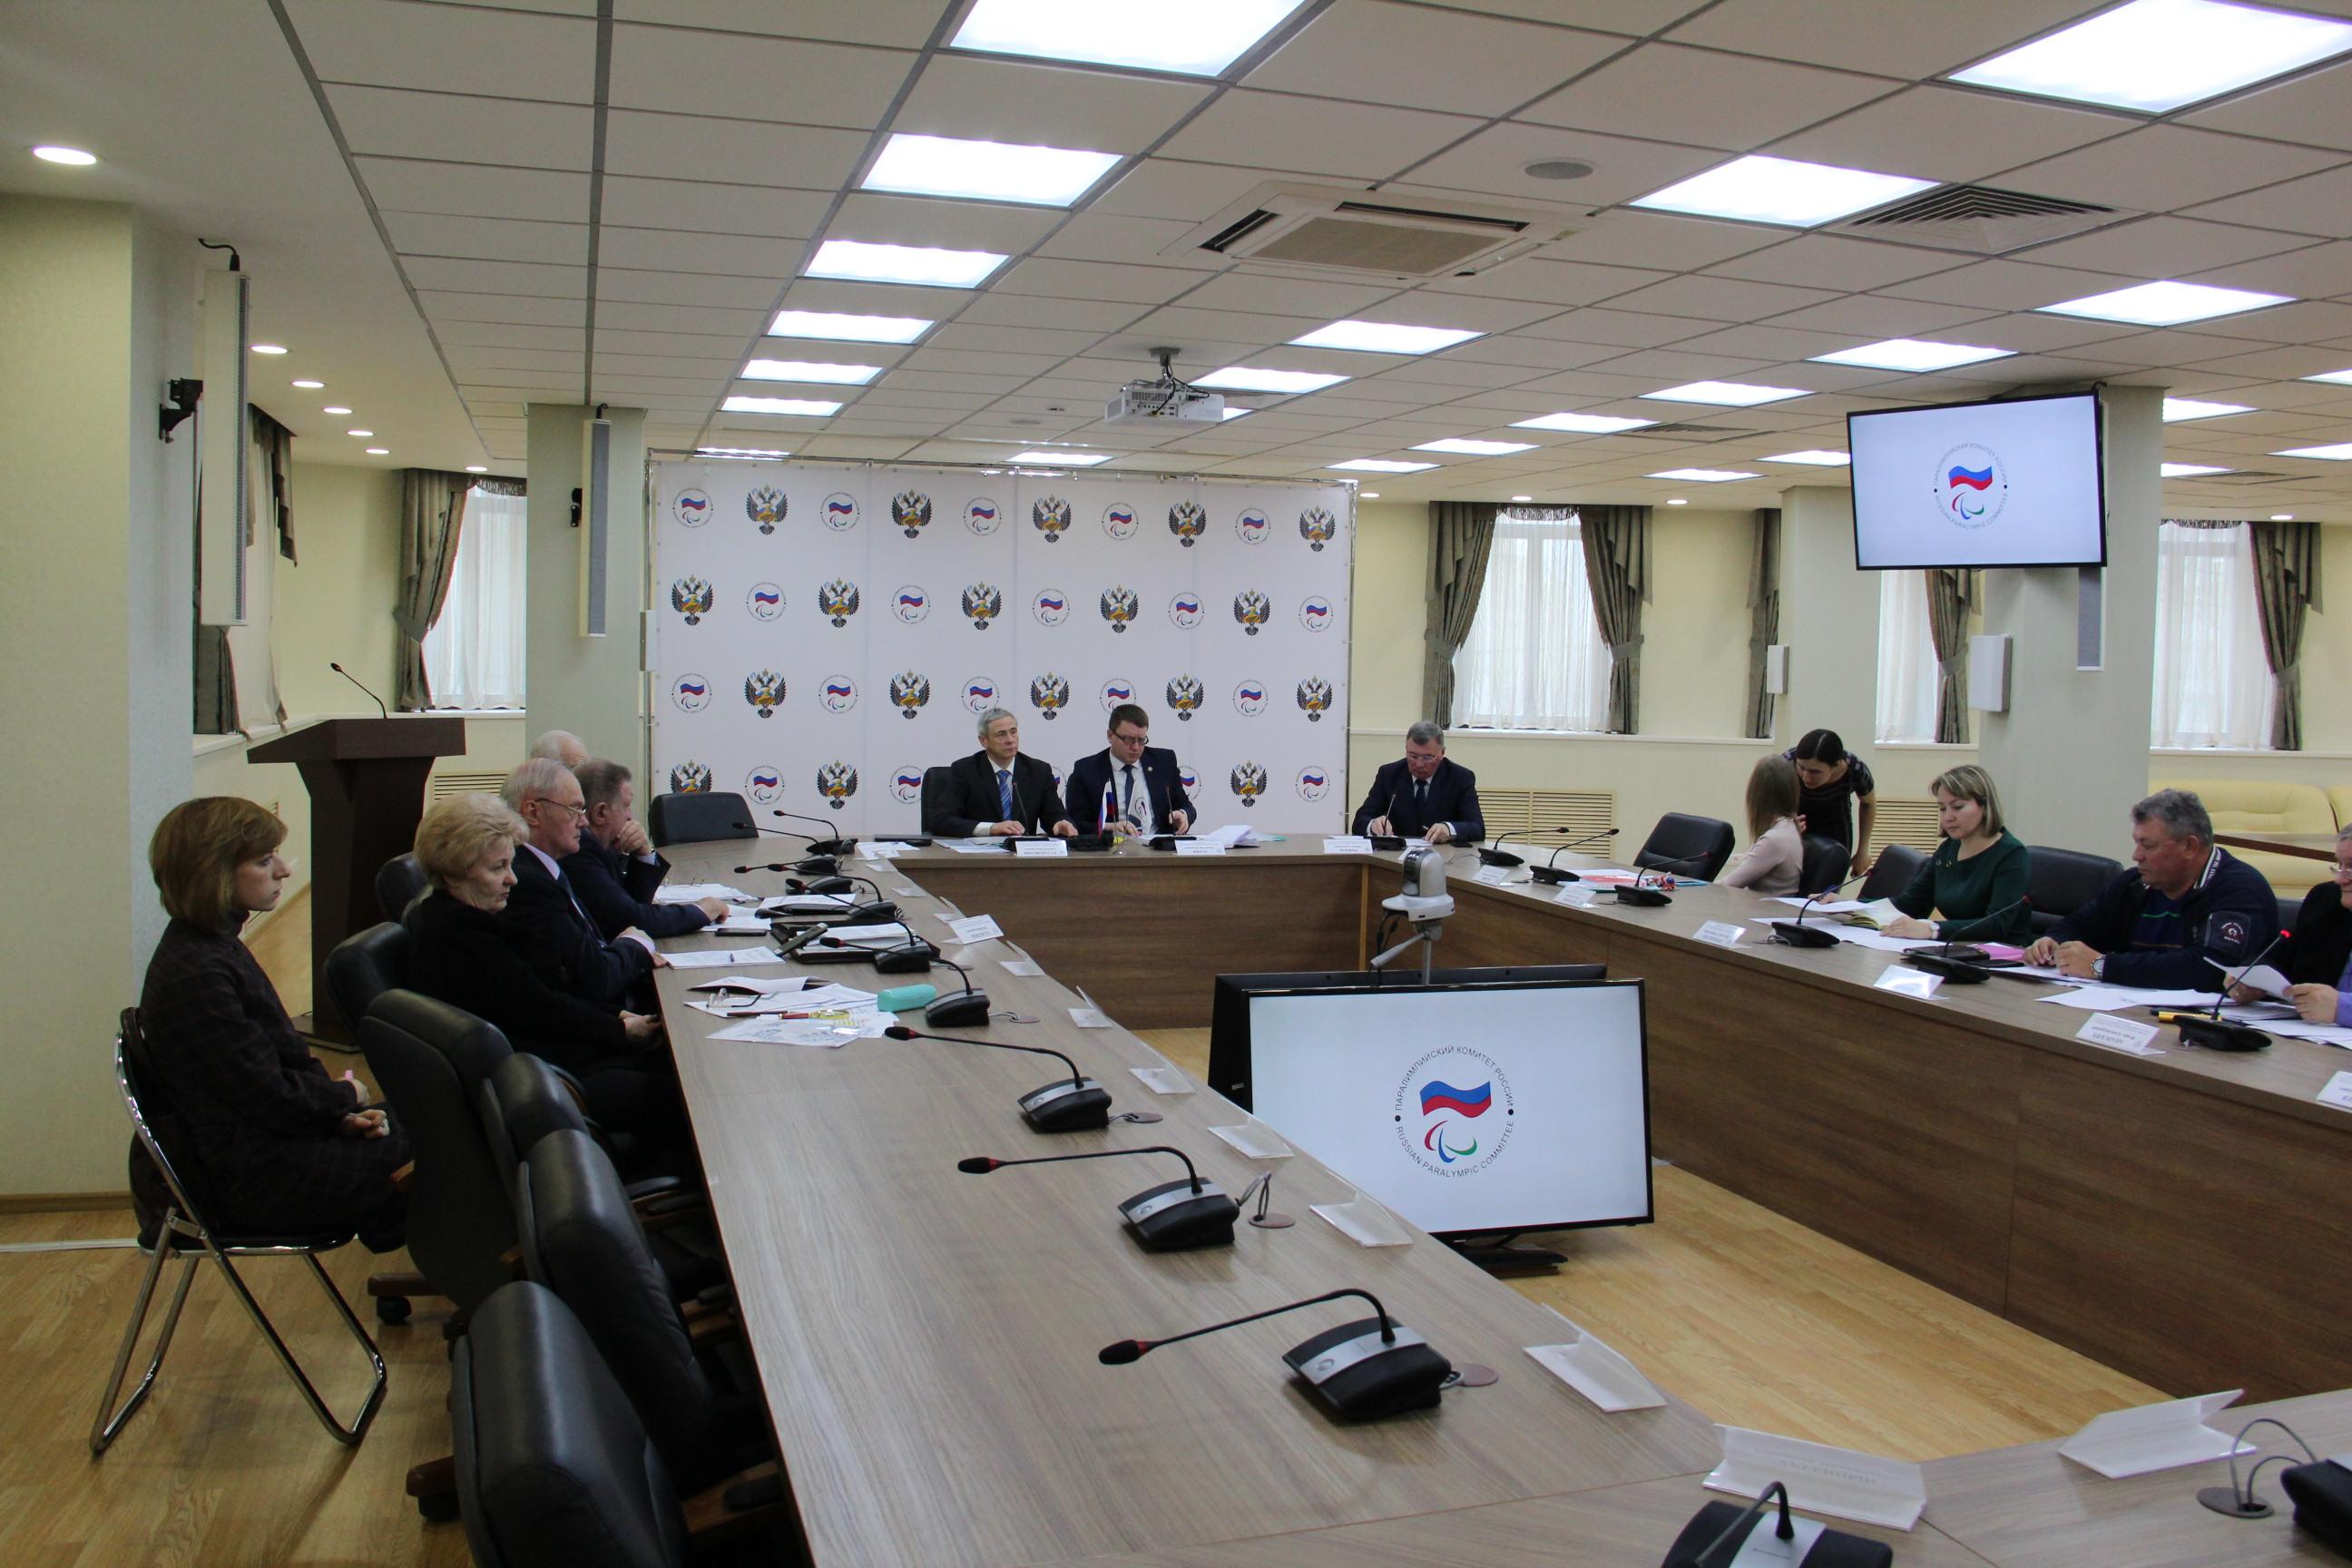 П.А. Рожков в зале Исполкома ПКР провел заседание Бюро рабочей группы по подготовке сборных команд России к участию в Паралимпийских играх-2016